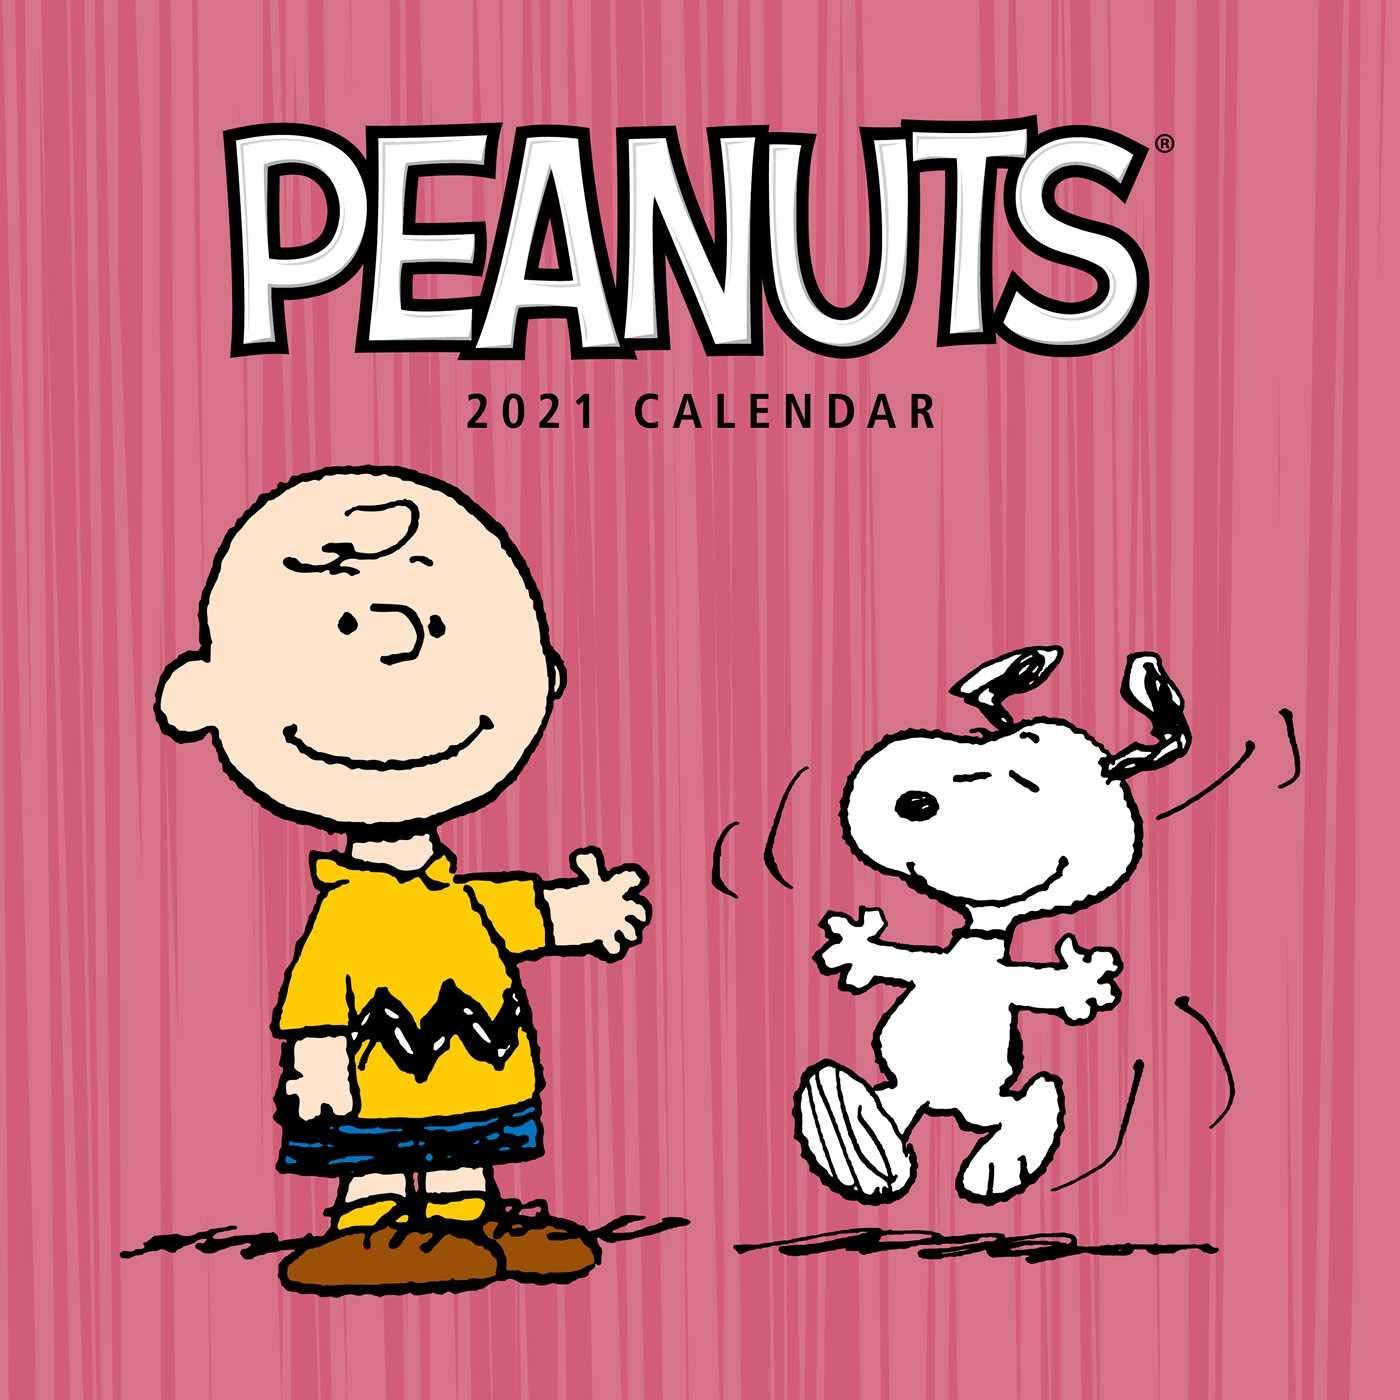 Peanuts 2021 Wall Calendar: Peanuts Worldwide LLC, Schulz, Charles